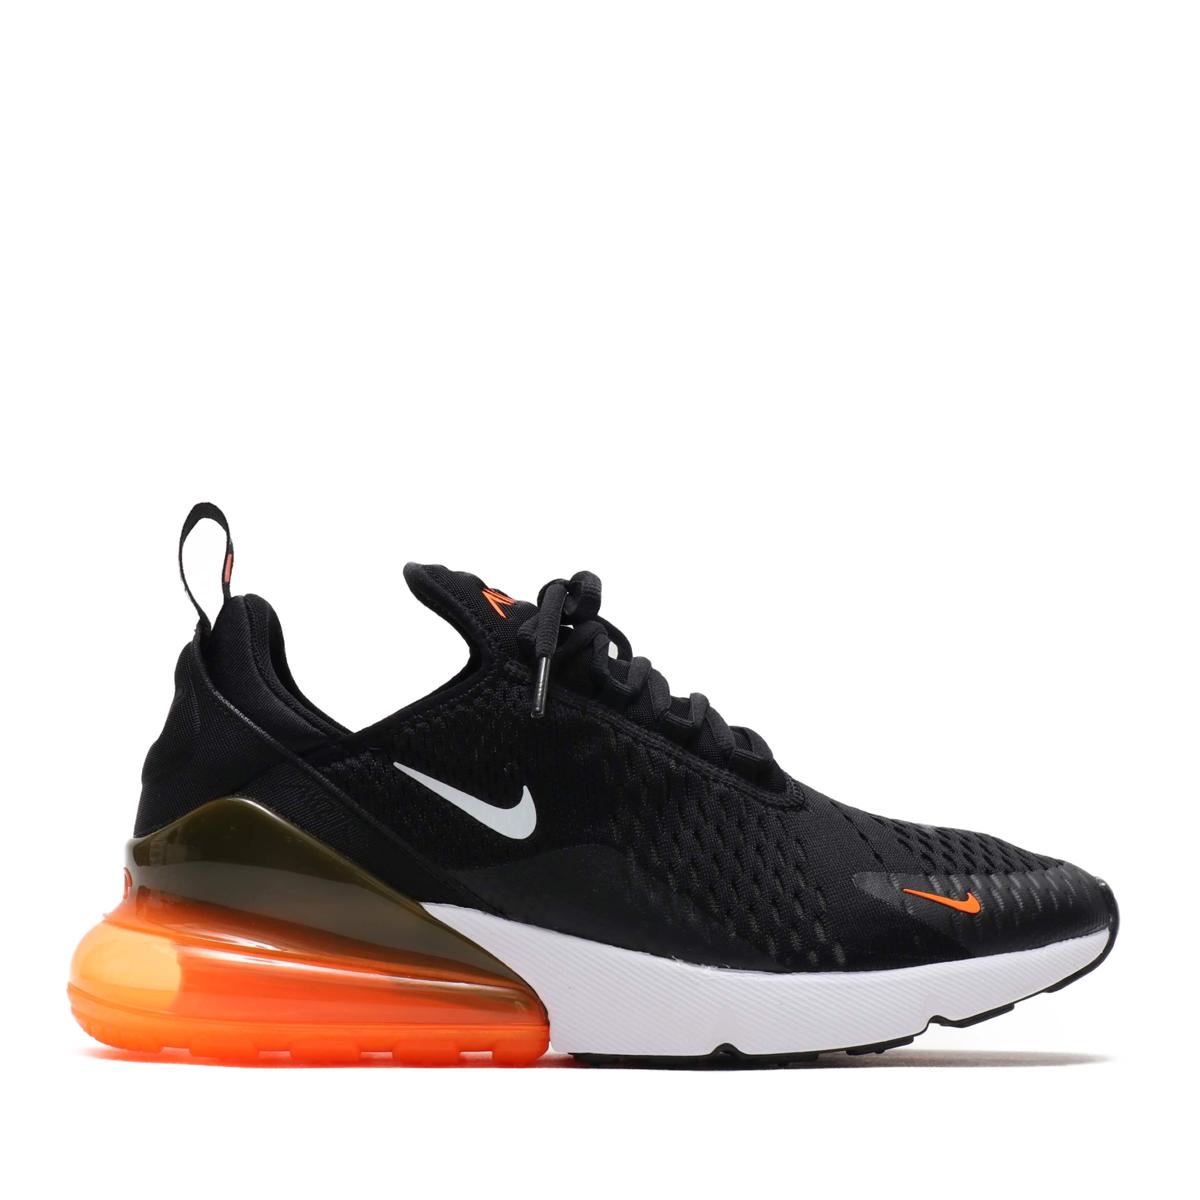 Giày Nike Air Max 270 giá bao nhiêu?